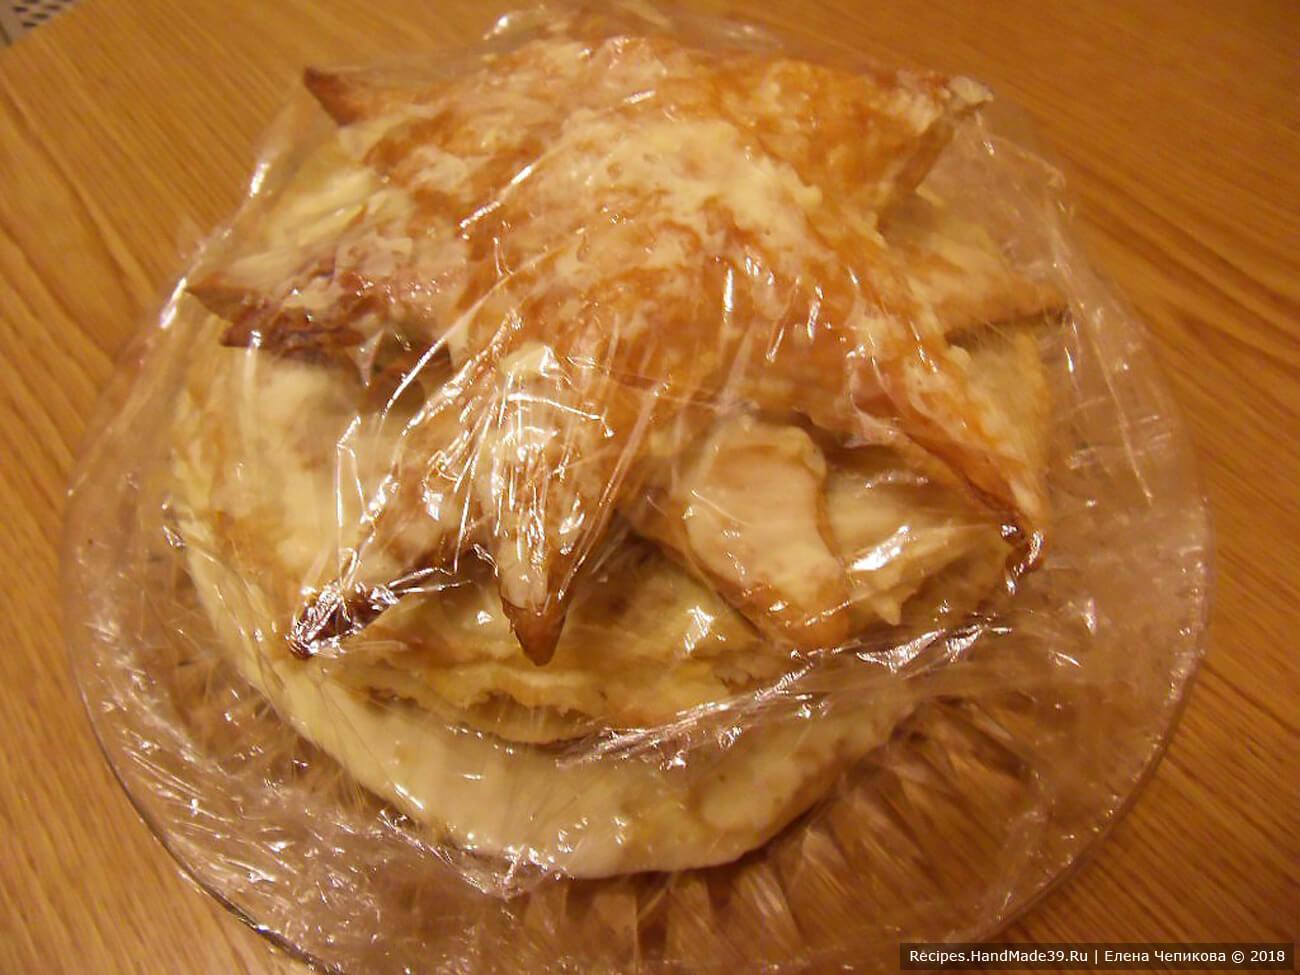 Осторожно закрыть торт пищевой плёнкой и оставить в холодильнике примерно на 8 часов пропитаться